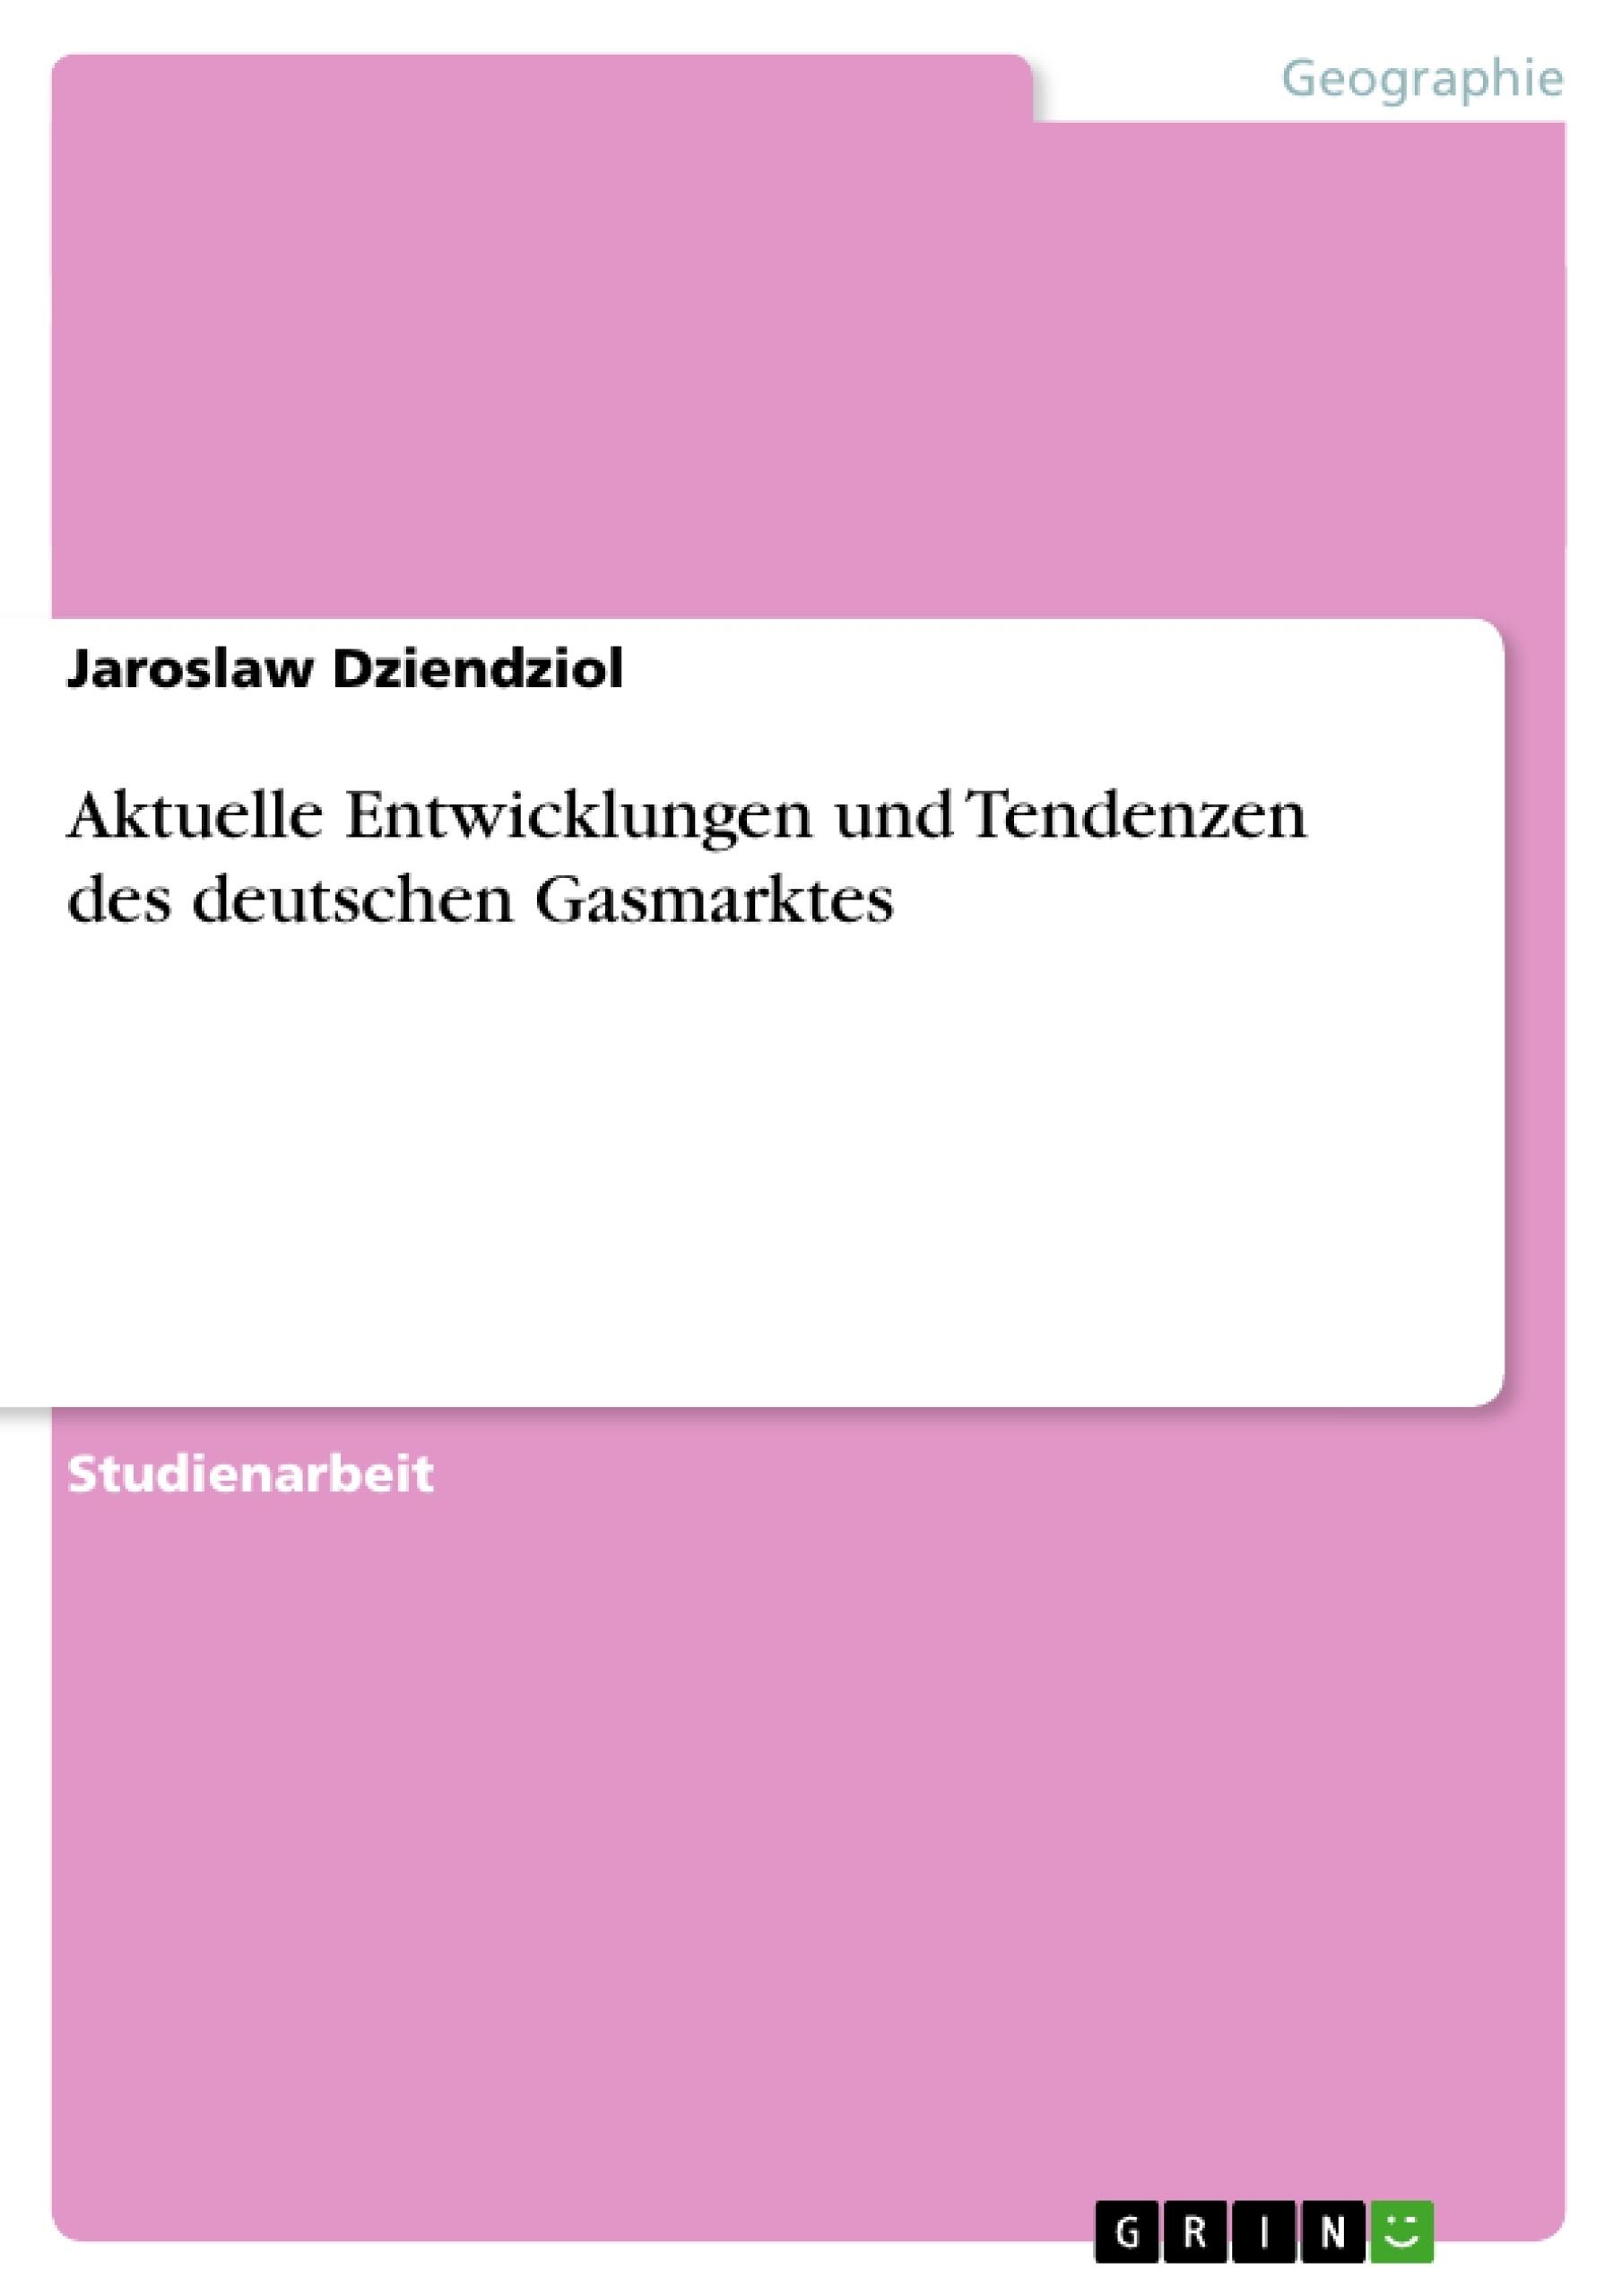 Titel: Aktuelle Entwicklungen und Tendenzen des deutschen Gasmarktes